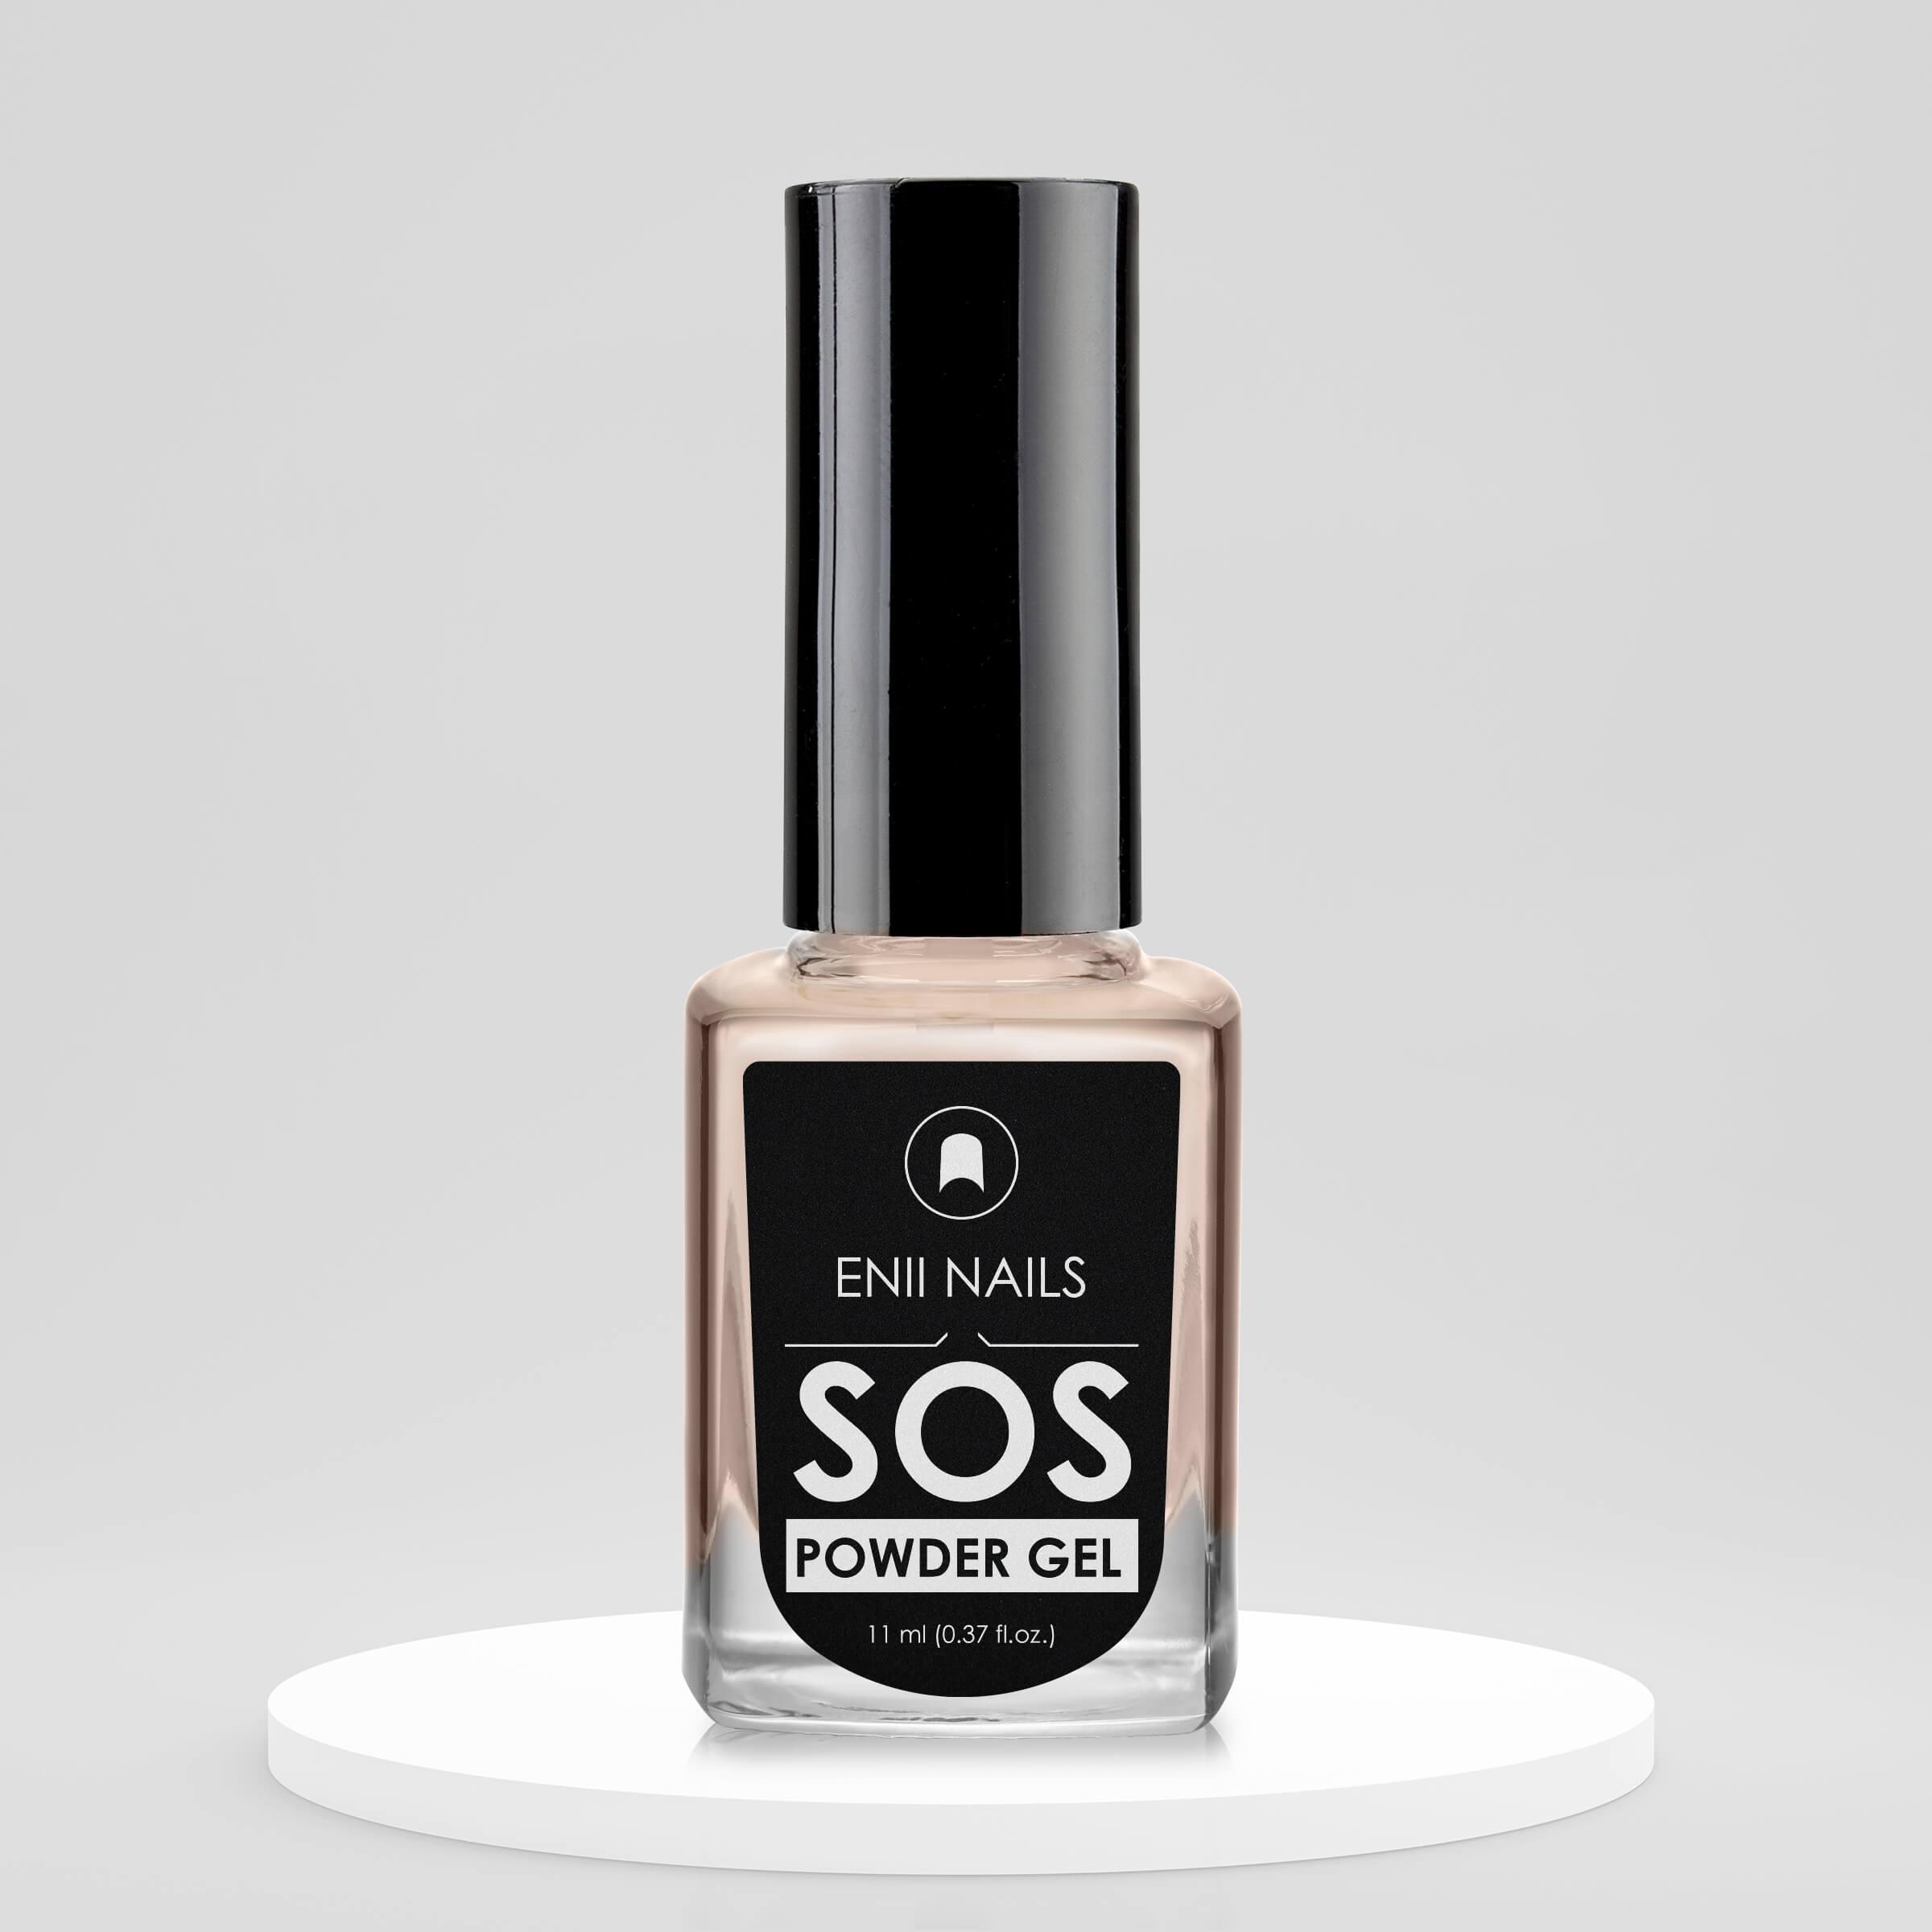 SOS-POWDER-GEL-11ml